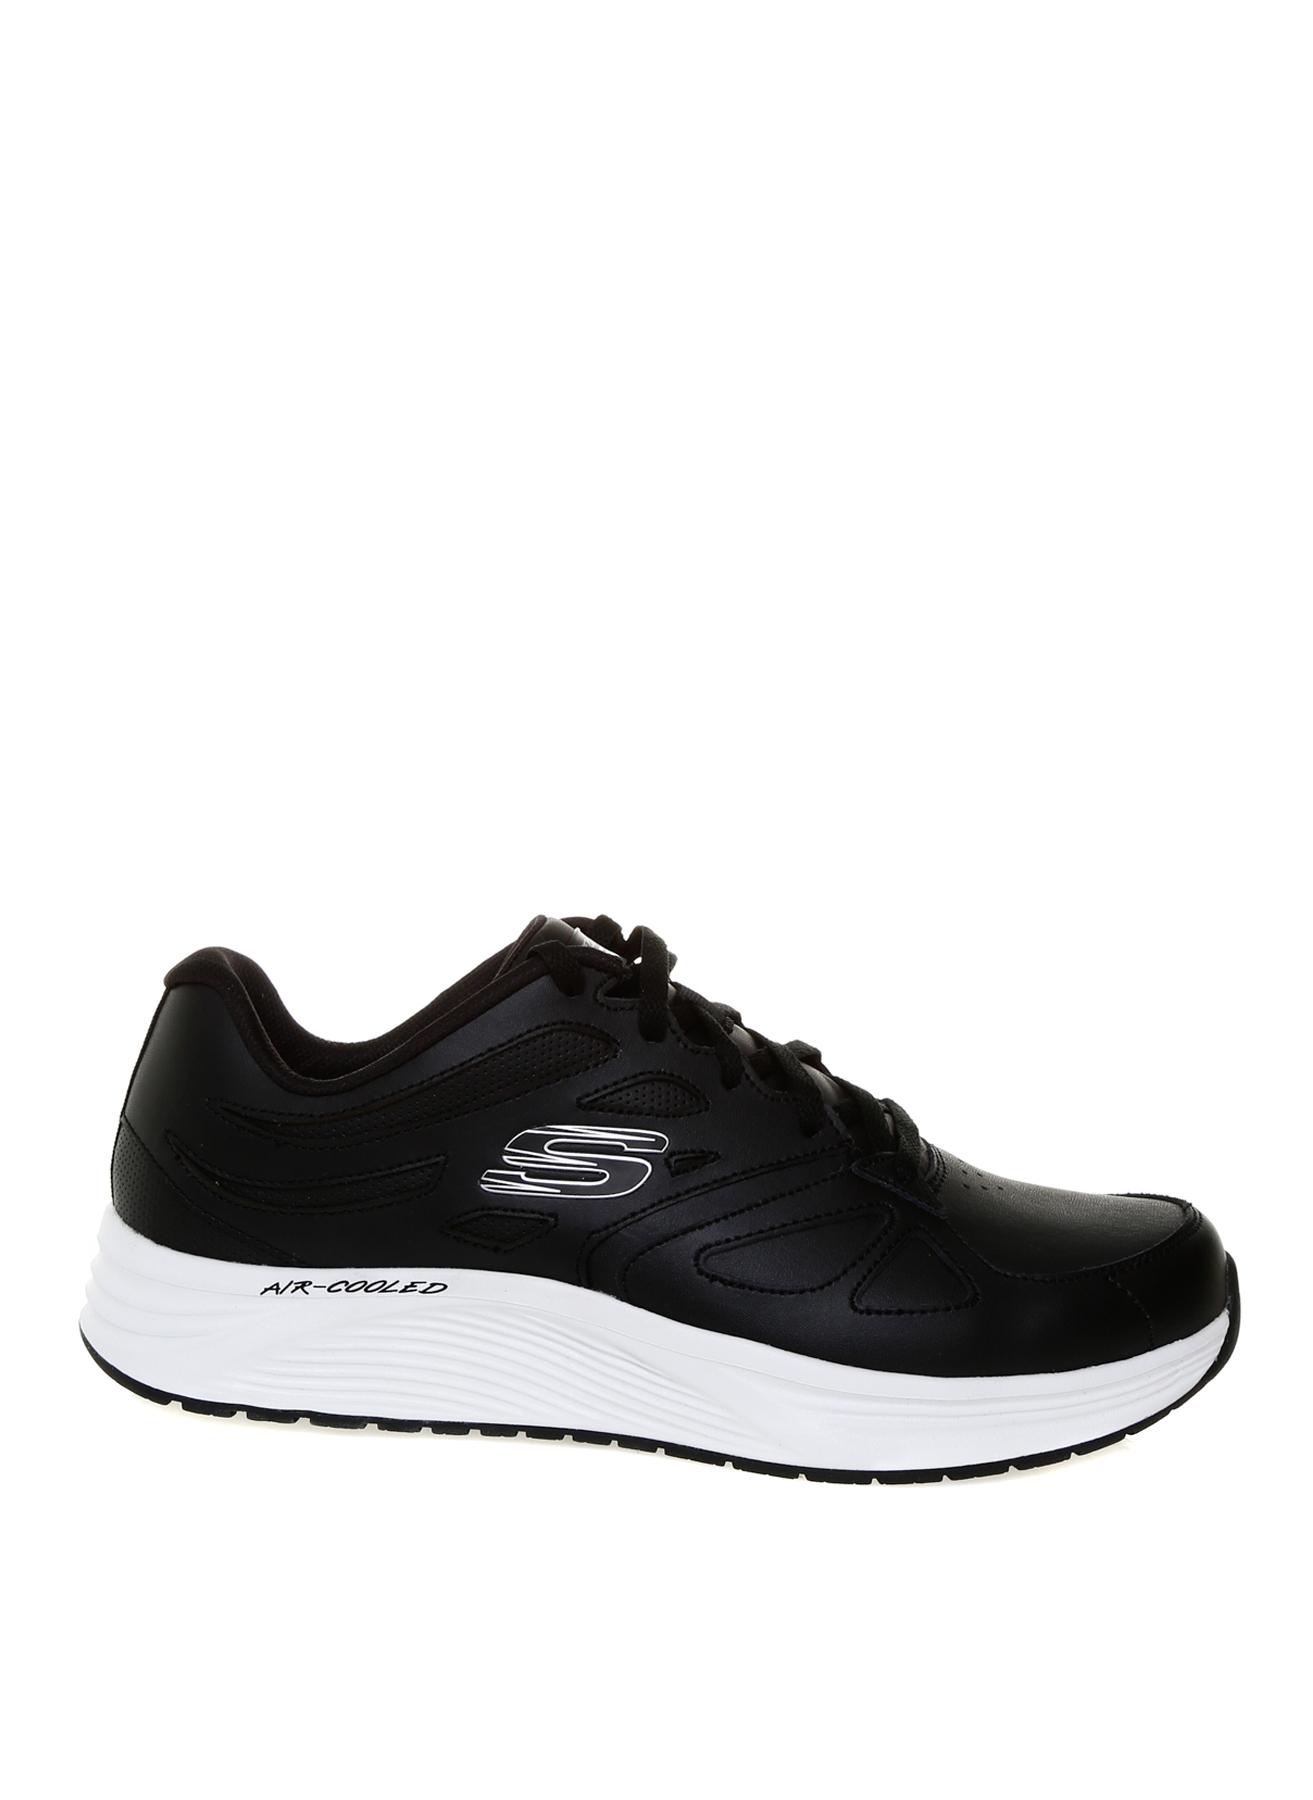 Skechers Skyline- Woodmist Lifestyle Ayakkabı 42 5001917883004 Ürün Resmi